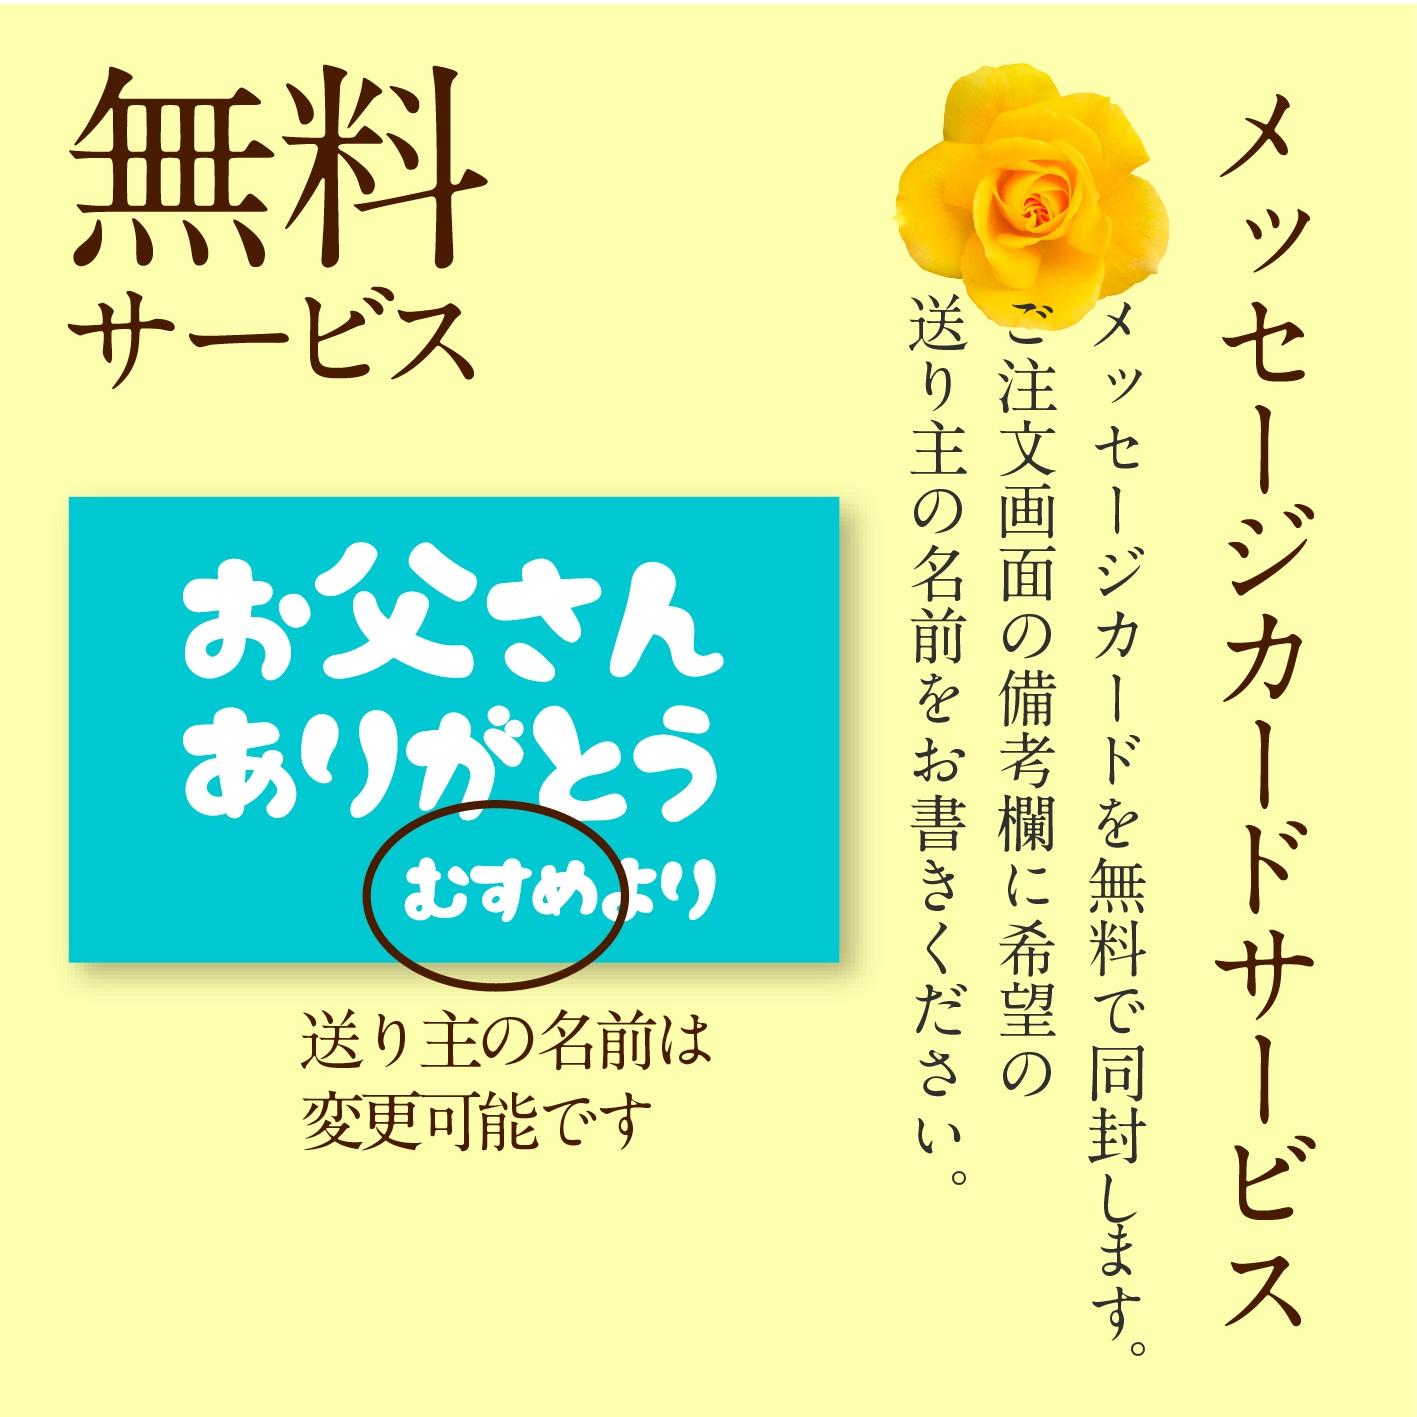 メッセージカード作成サービス